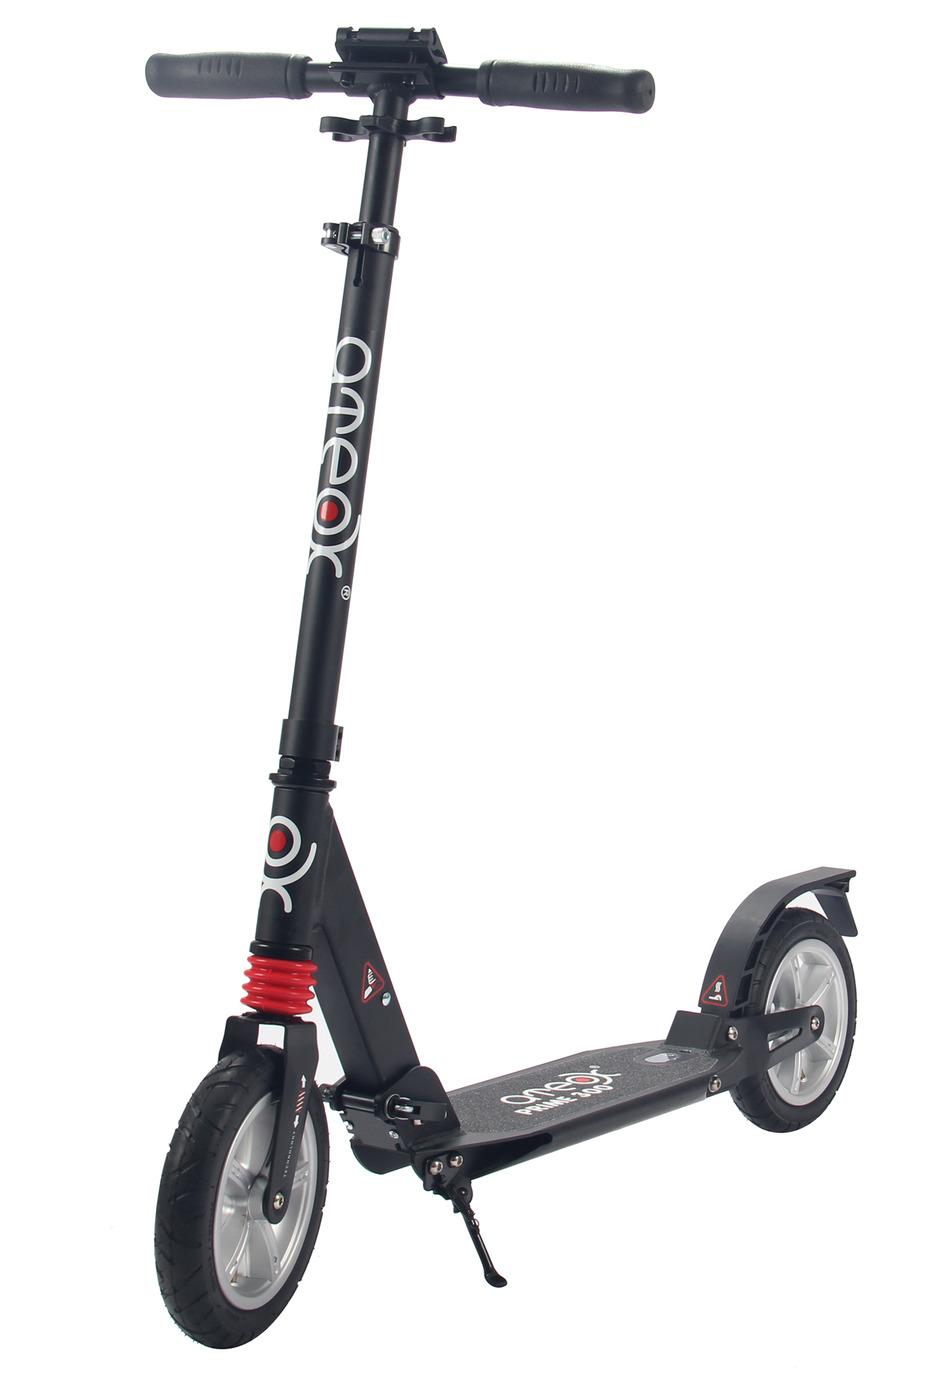 Самокат для взрослых Ateox PRIME 300 c надувными колесами (Черный)